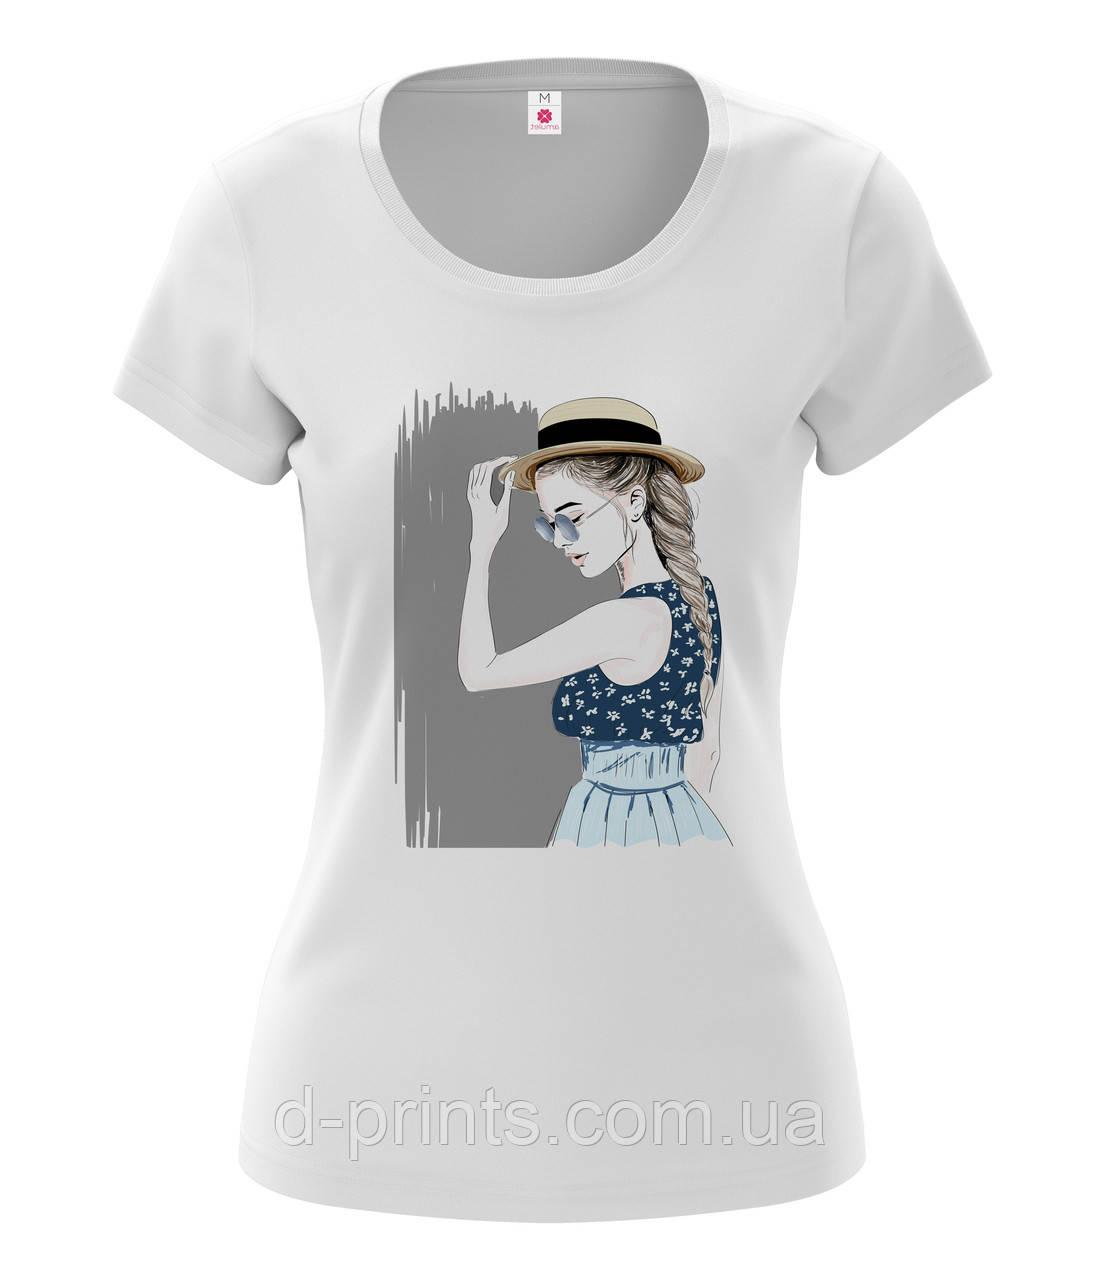 """Футболка женская с рисунком """"Девушка в шляпе"""""""